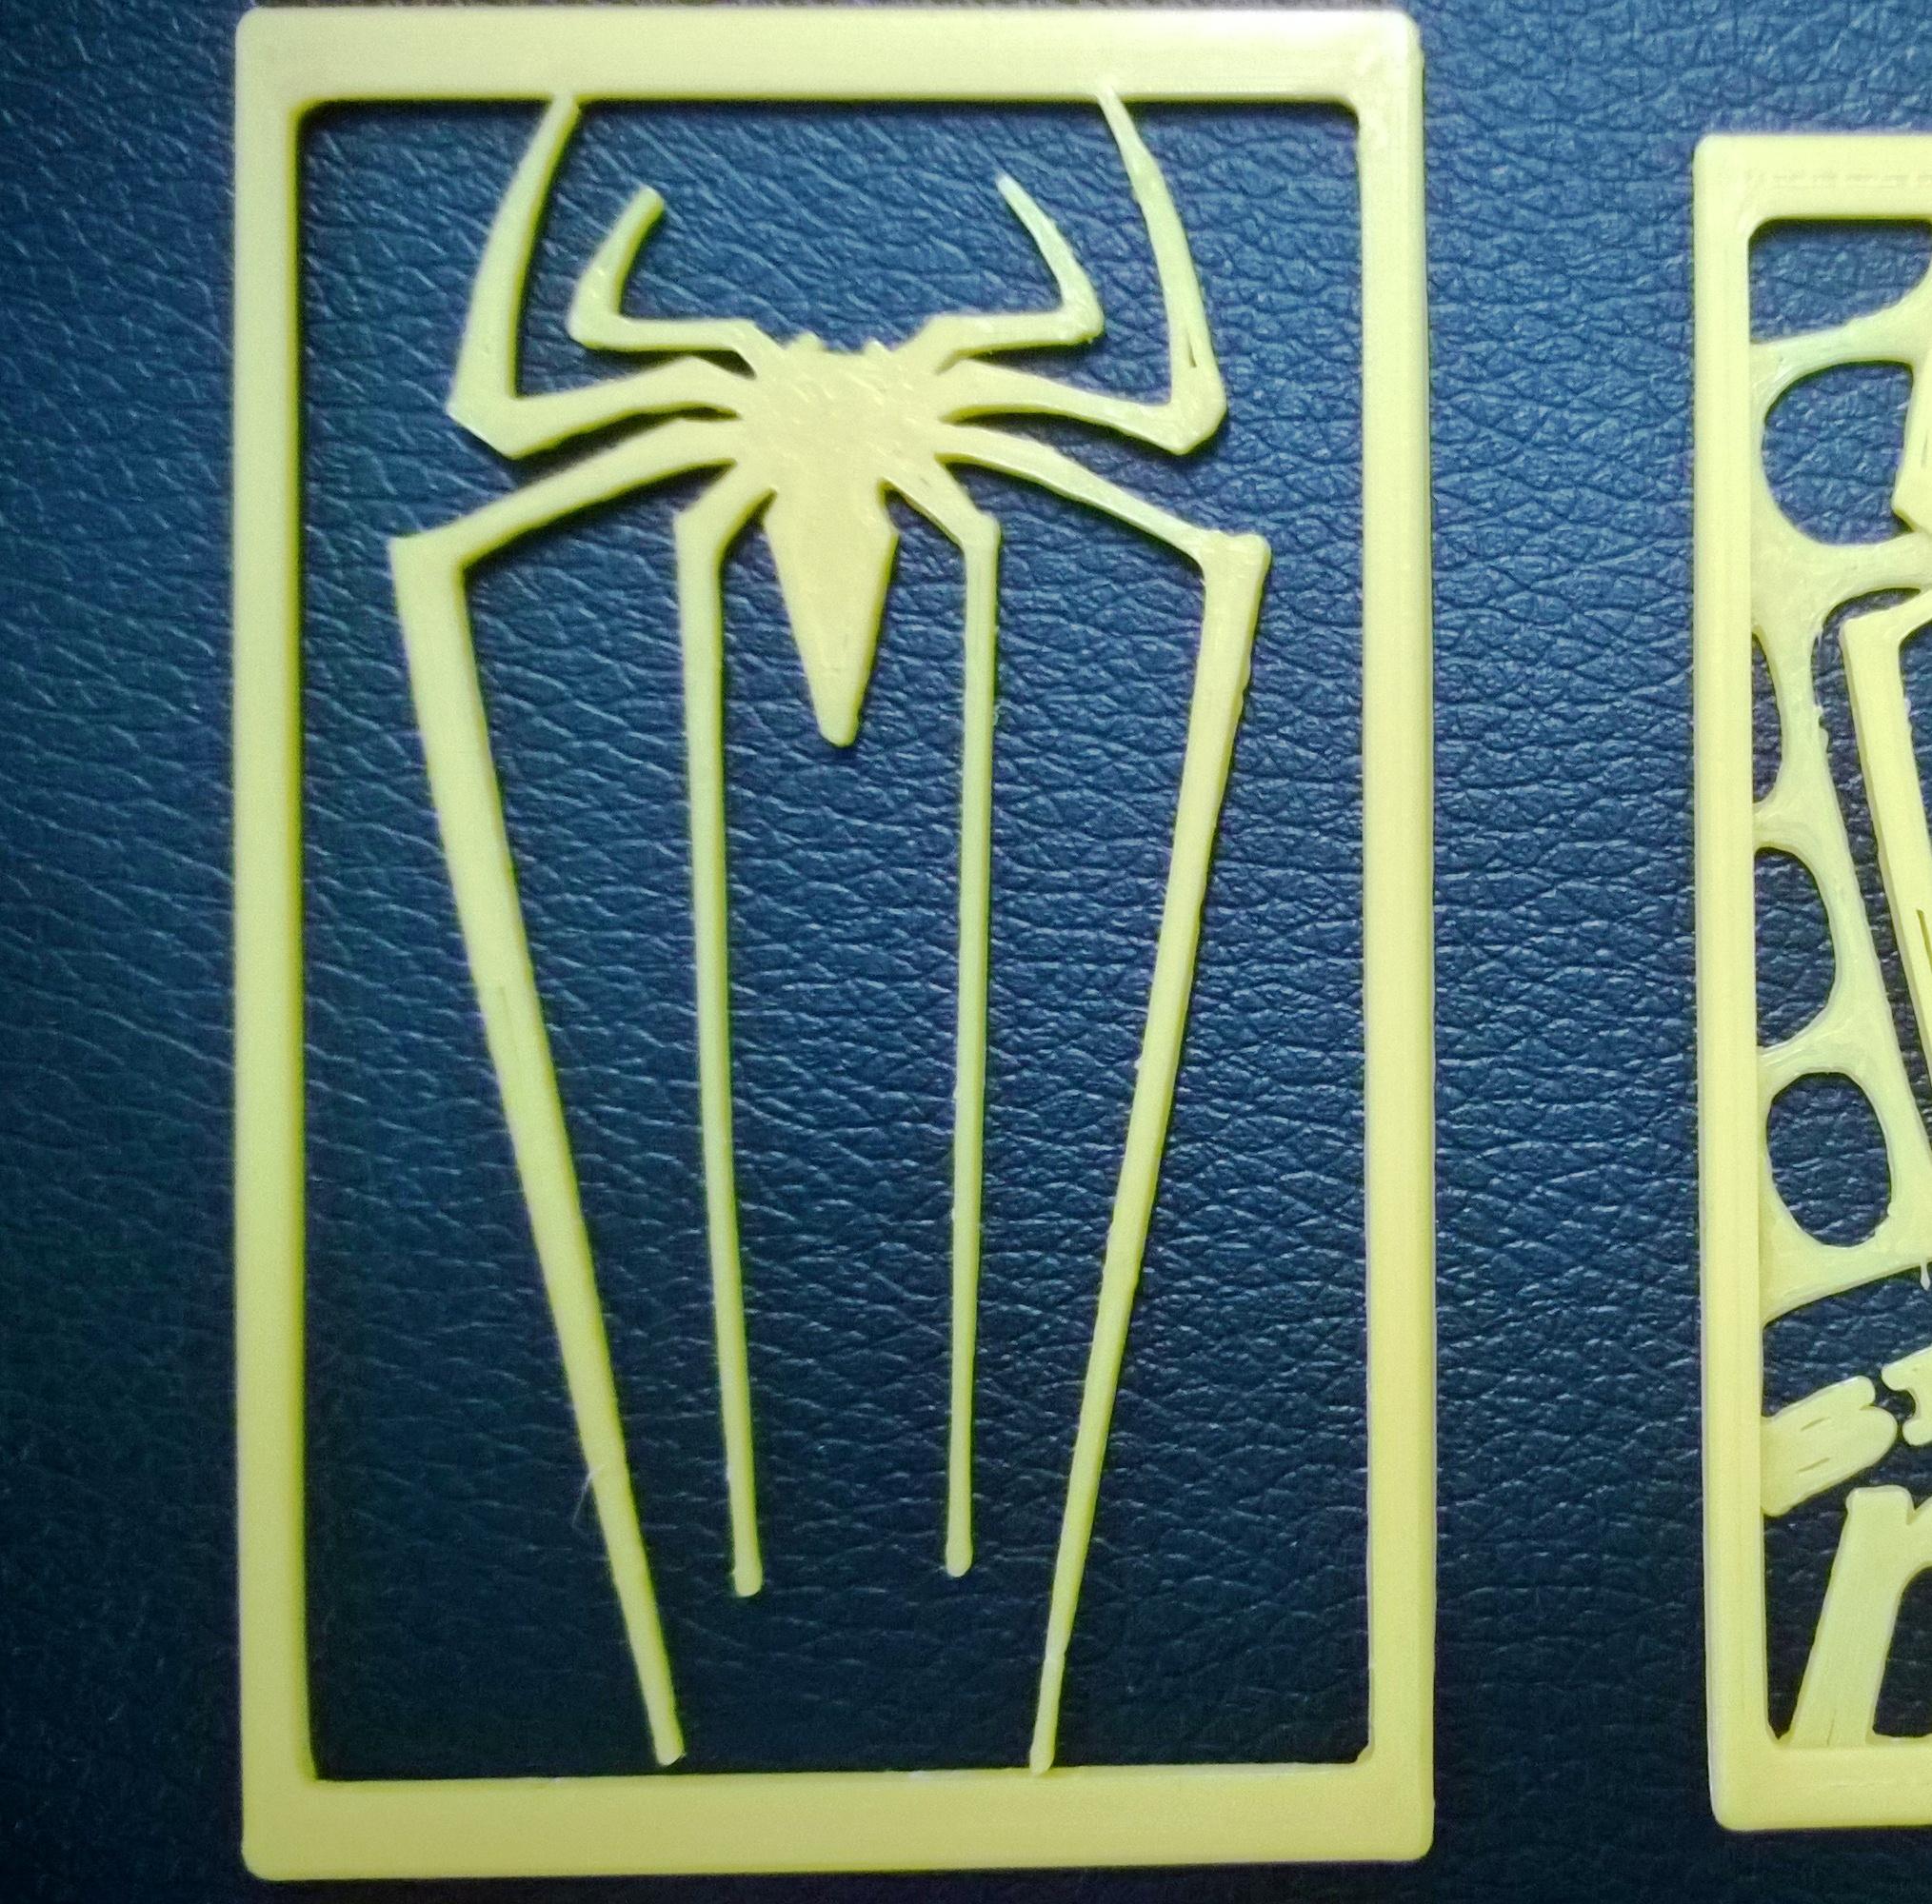 蜘蛛侠镂空卡3D打印模型,蜘蛛侠镂空卡3D模型下载,3D打印蜘蛛侠镂空卡模型下载,蜘蛛侠镂空卡3D模型,蜘蛛侠镂空卡STL格式文件,蜘蛛侠镂空卡3D打印模型免费下载,3D打印模型库